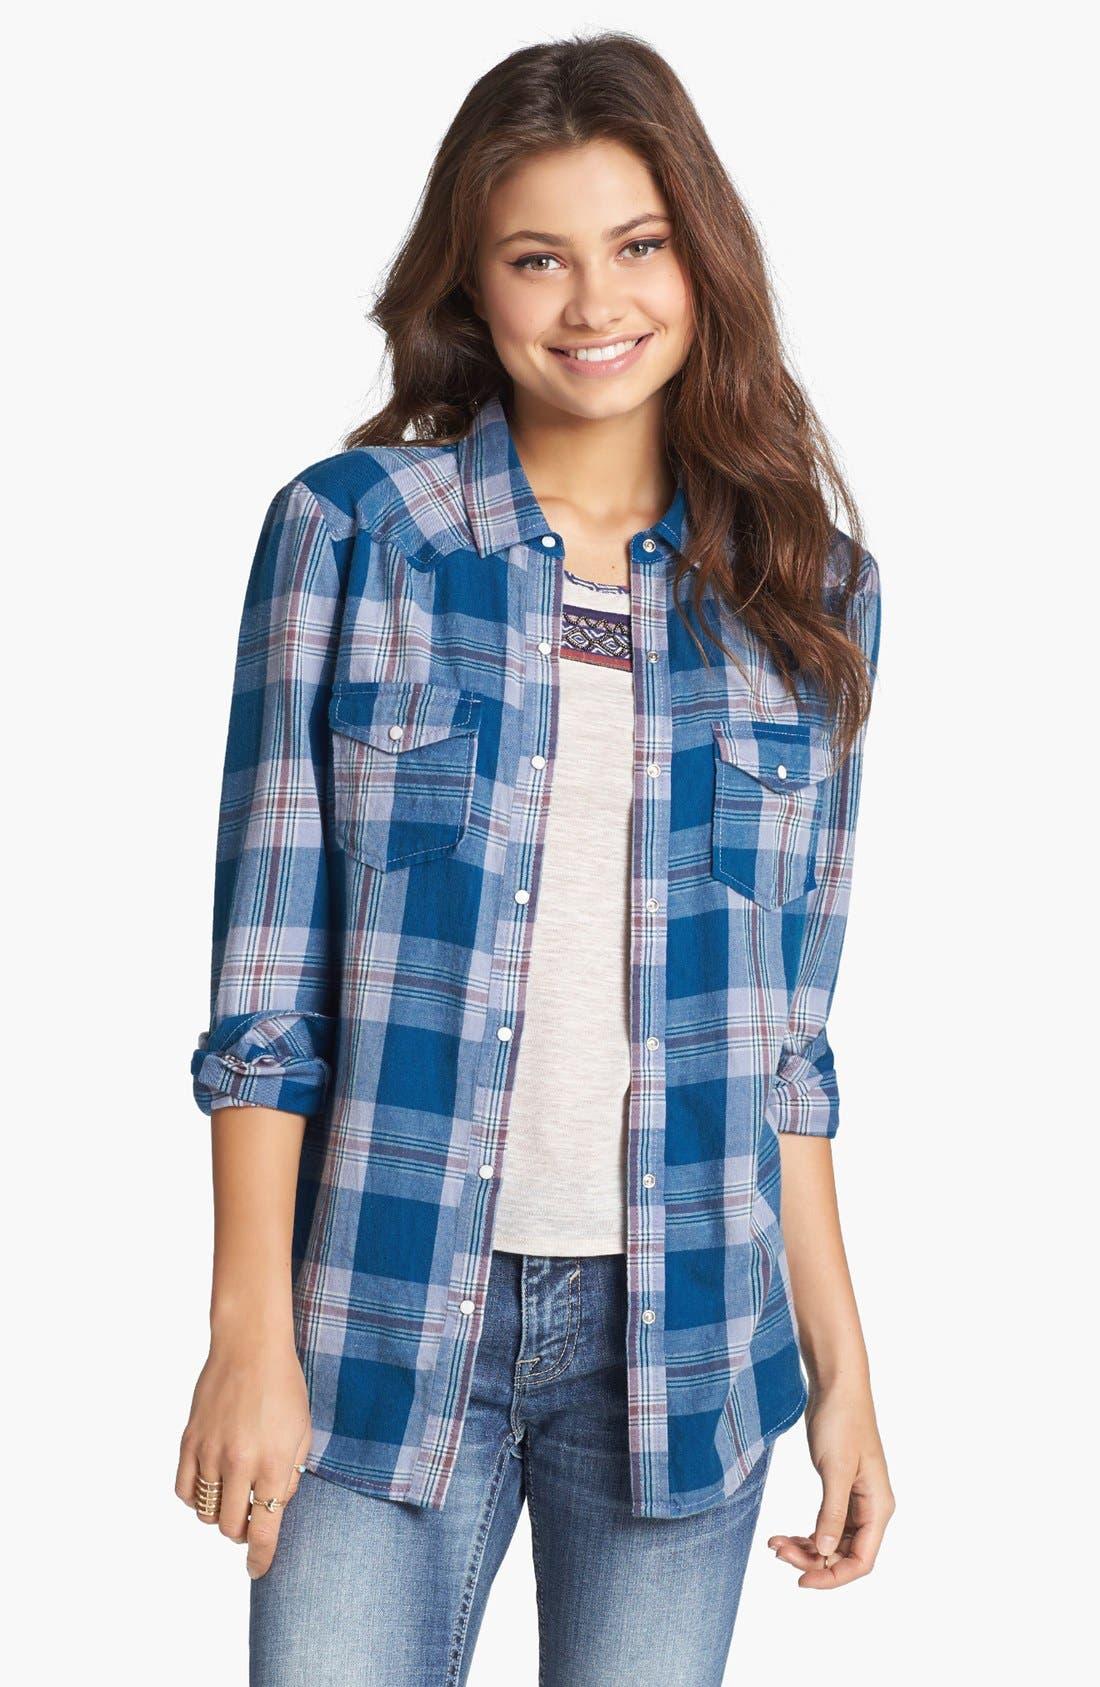 Alternate Image 1 Selected - Rubbish® Plaid Western Shirt (Juniors)